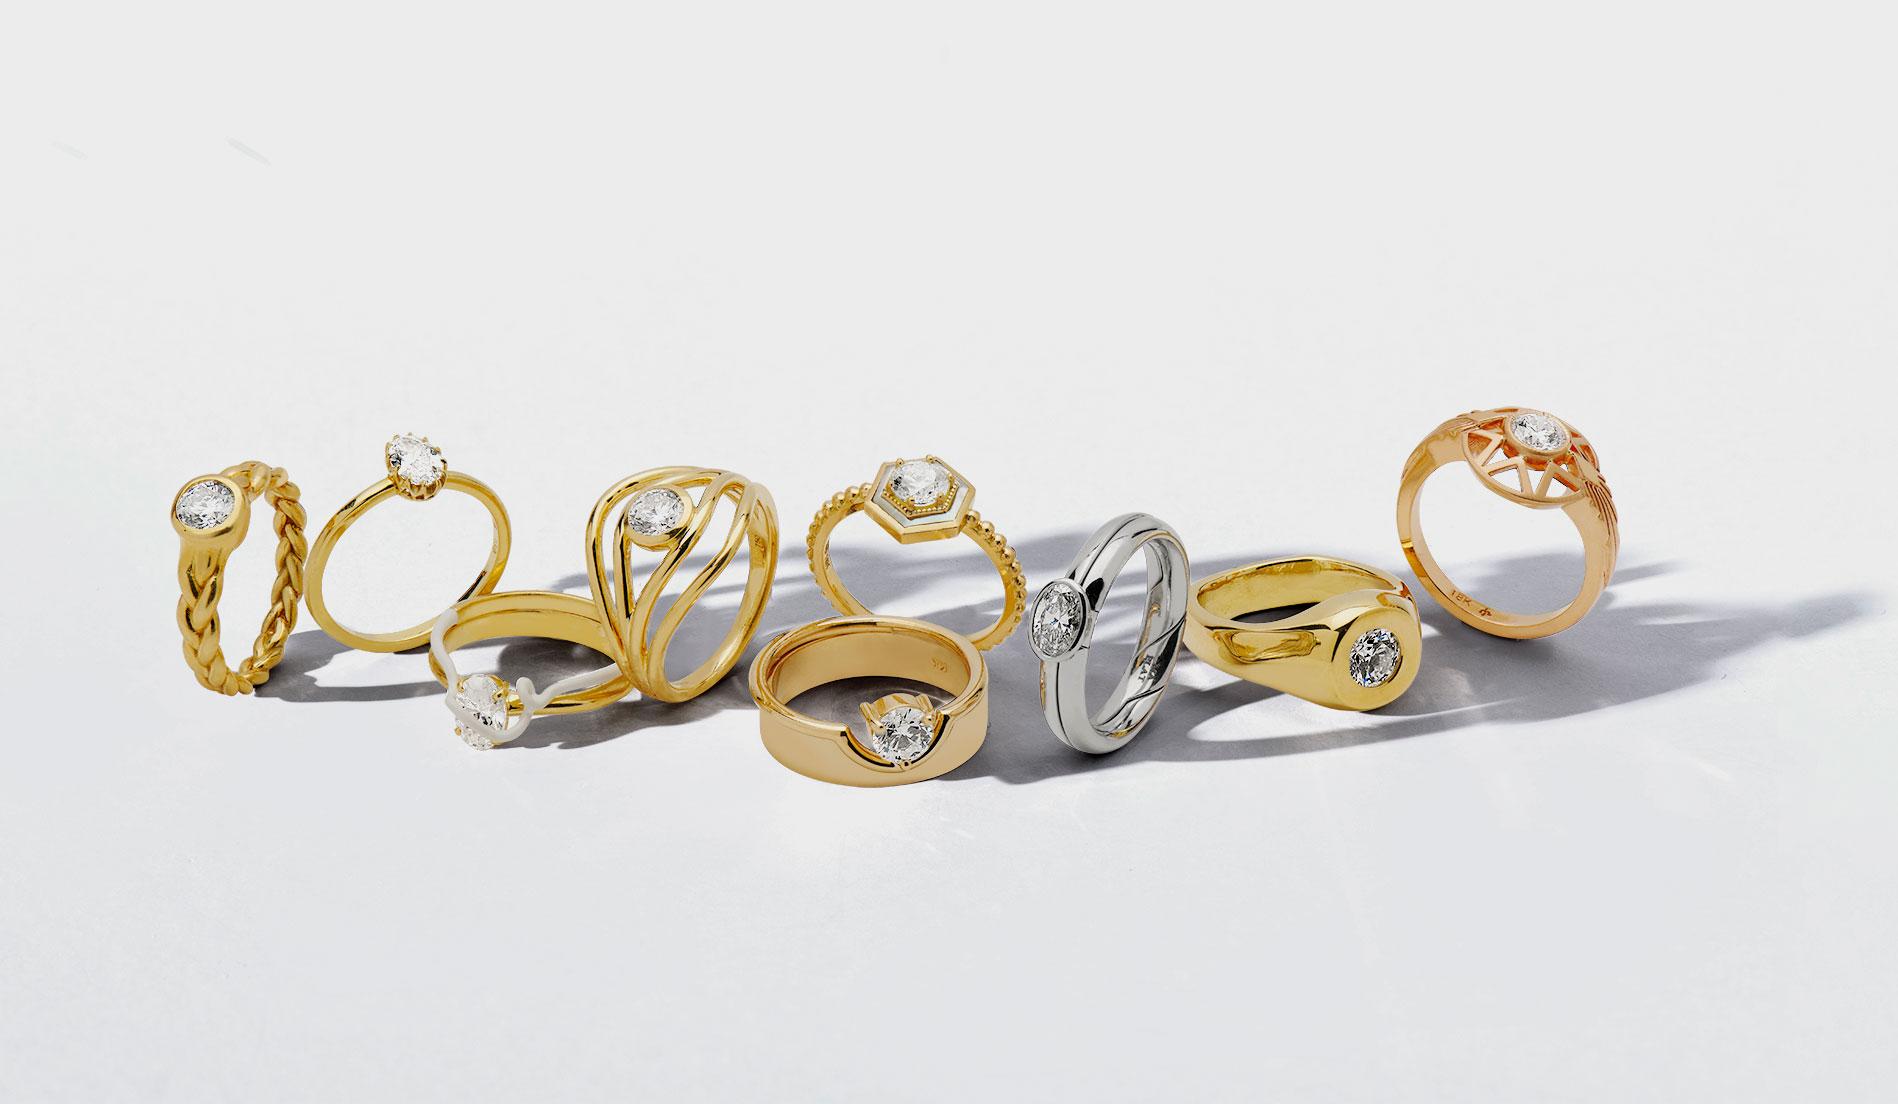 group shot of DeBeers rings